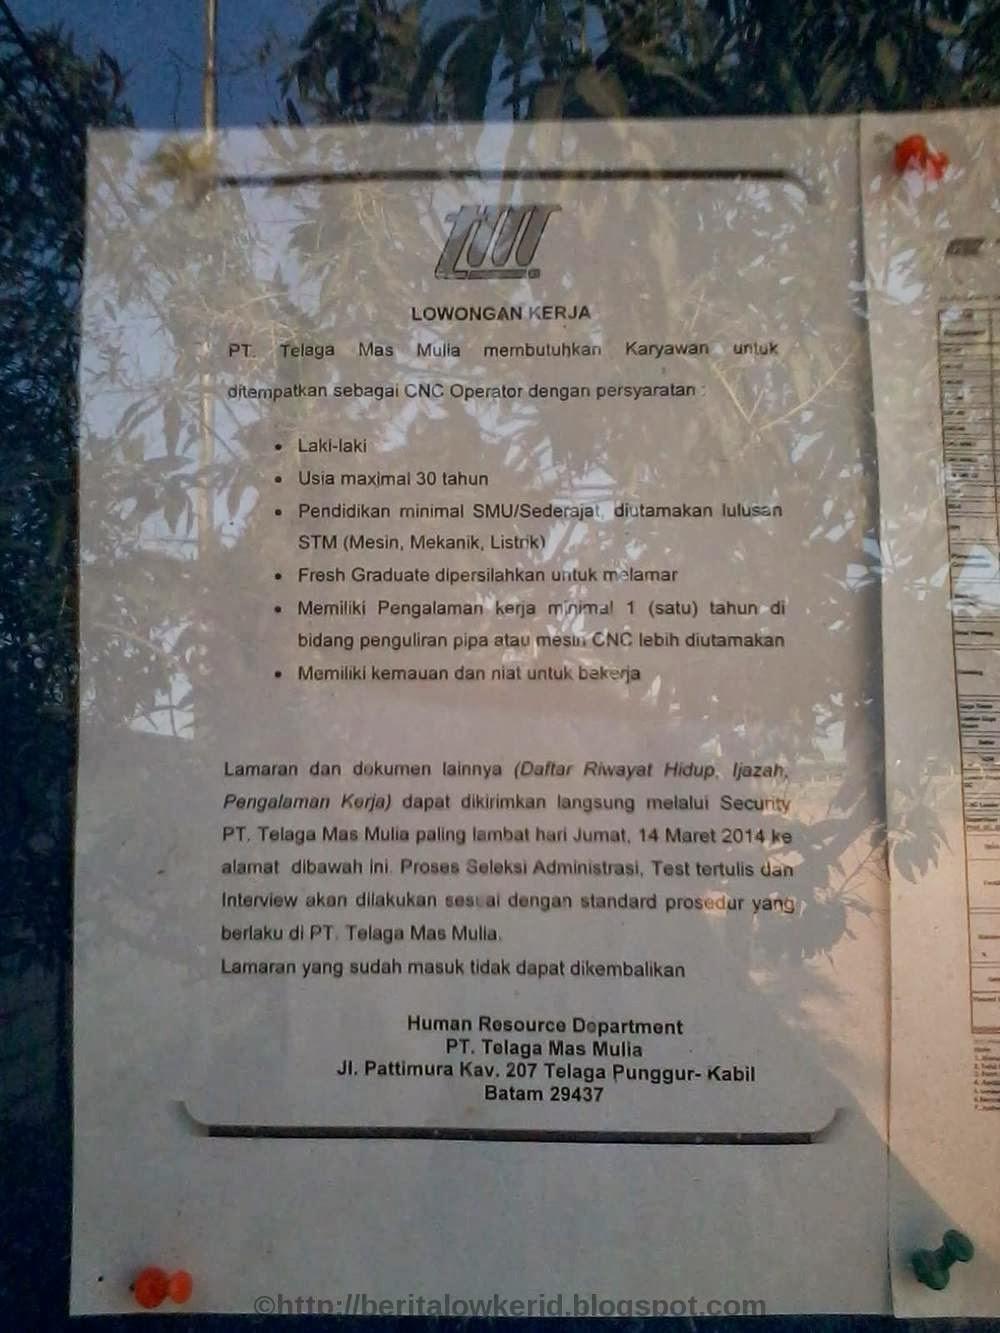 Lowongan Kerja 2013 Di Kawasan Mm2100 Cibitung Daftar Alamat Perusahaan Kawasan Jababeka Mm2100 Ejip Telaga Mas Mulia Lowongan Kerja Terbaru Cnc Operator Batam Maret 2014